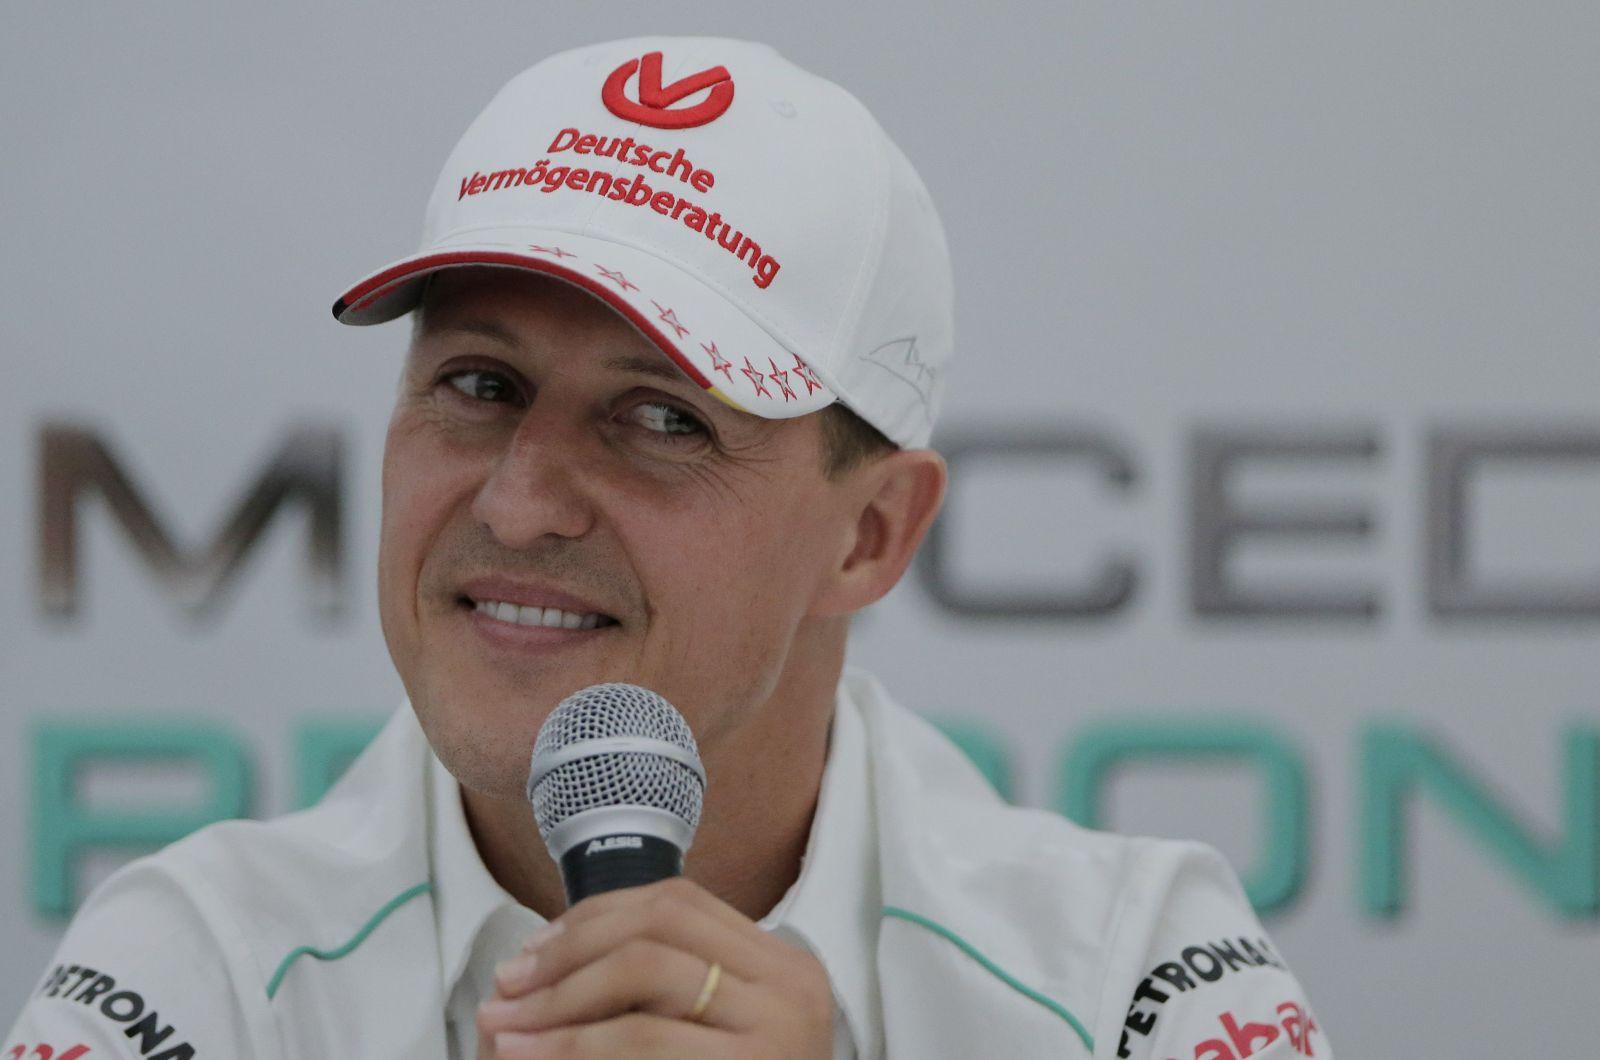 Michael Schumacher je podľa bulvárnych správ pri vedomí. Pomáhať má liečba kmeňových buniek v Paríži